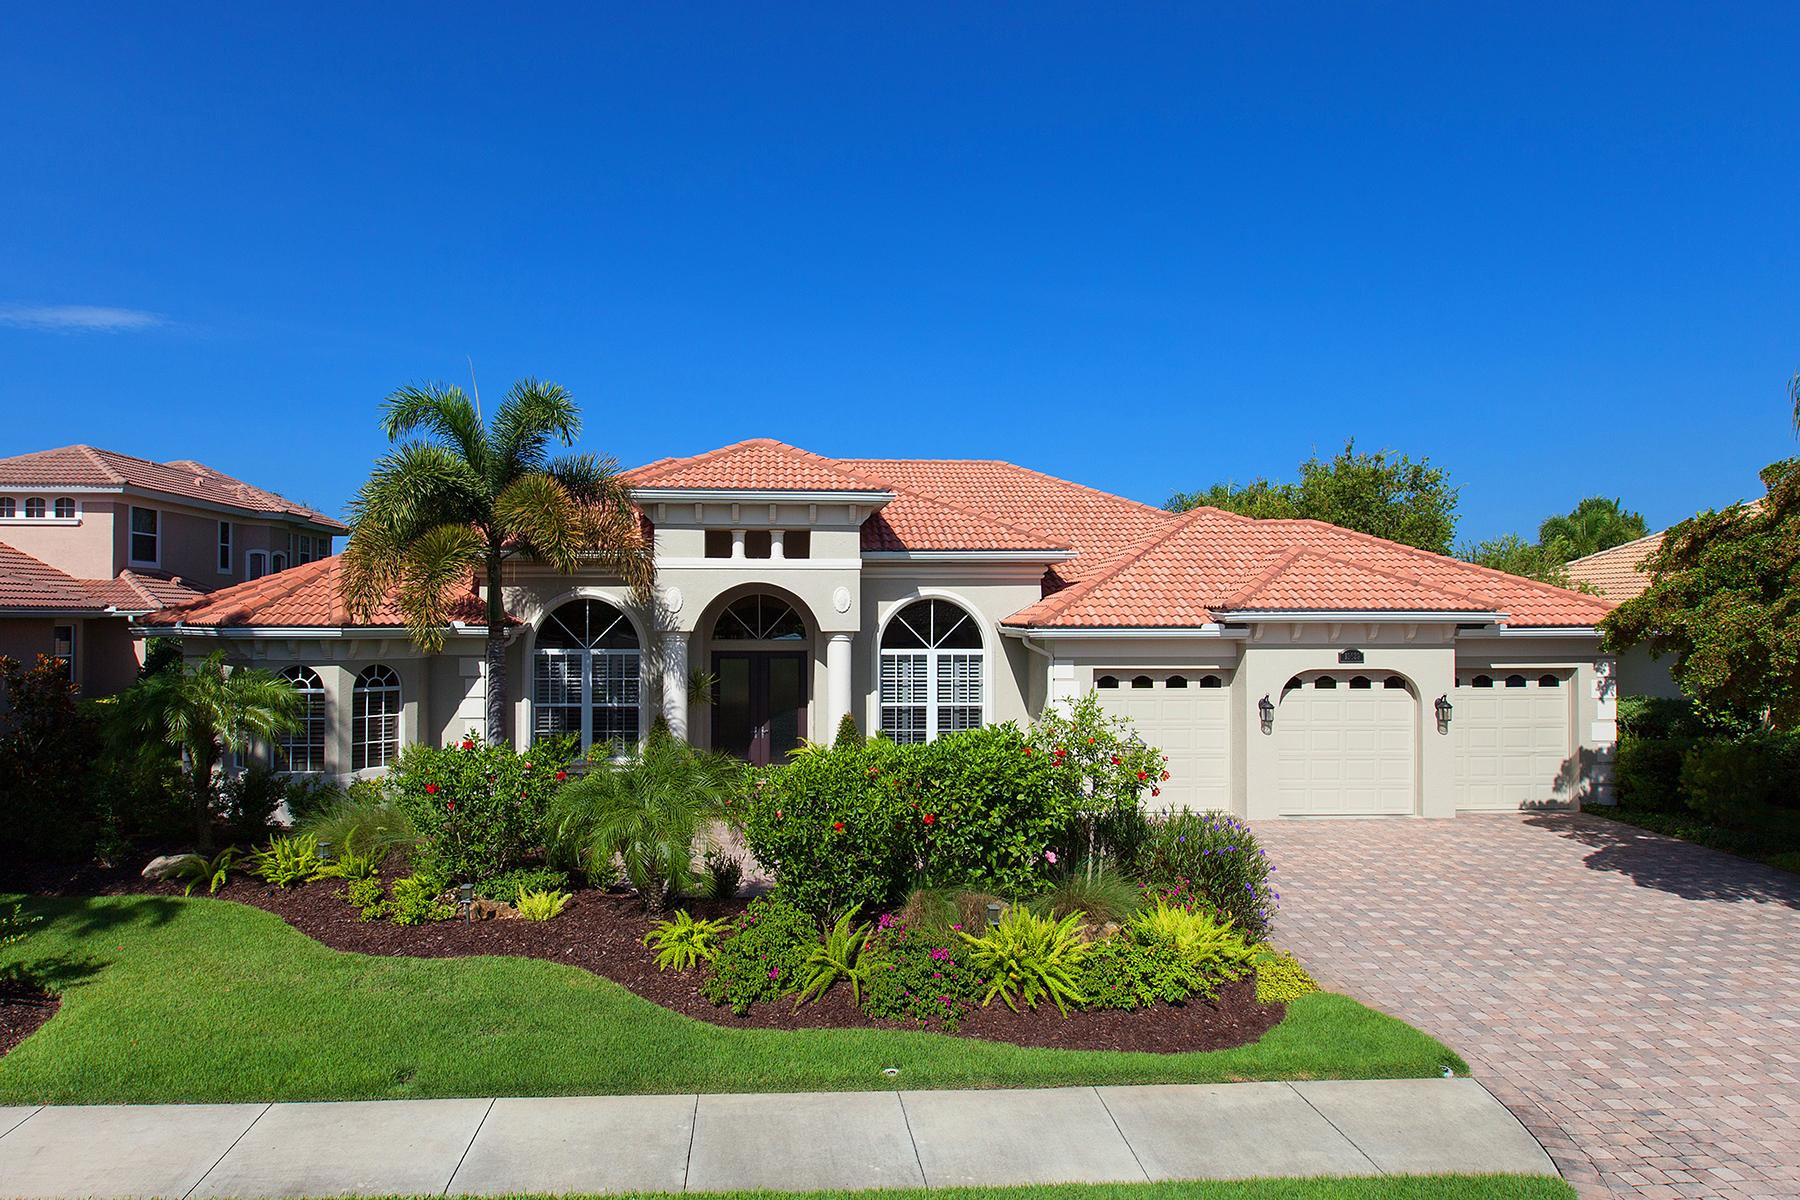 Tek Ailelik Ev için Satış at LEGENDS WALK 13639 Legends Walk Terr Lakewood Ranch, Florida 34202 Amerika Birleşik Devletleri